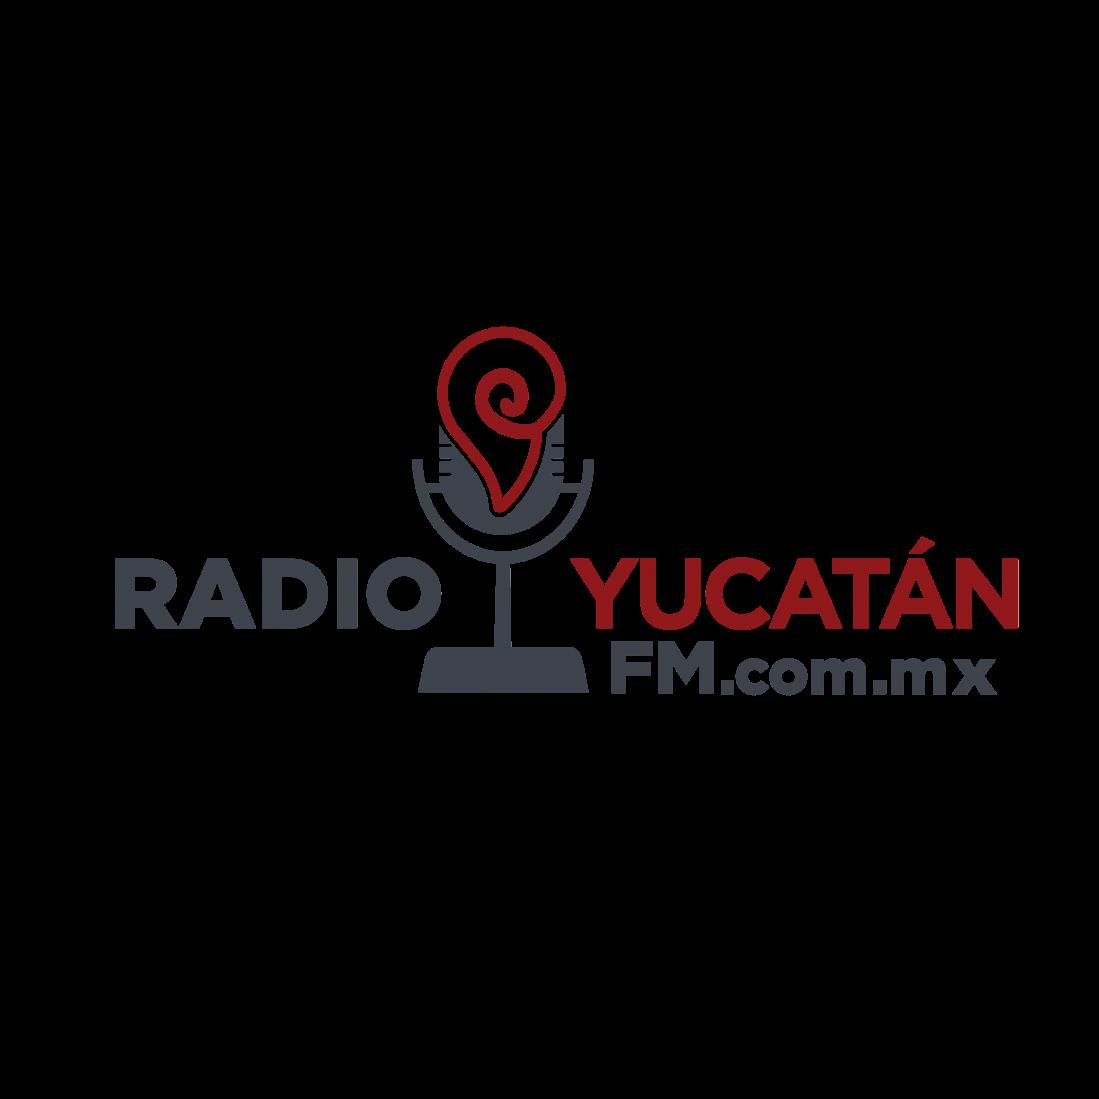 Radio Yucatán FM